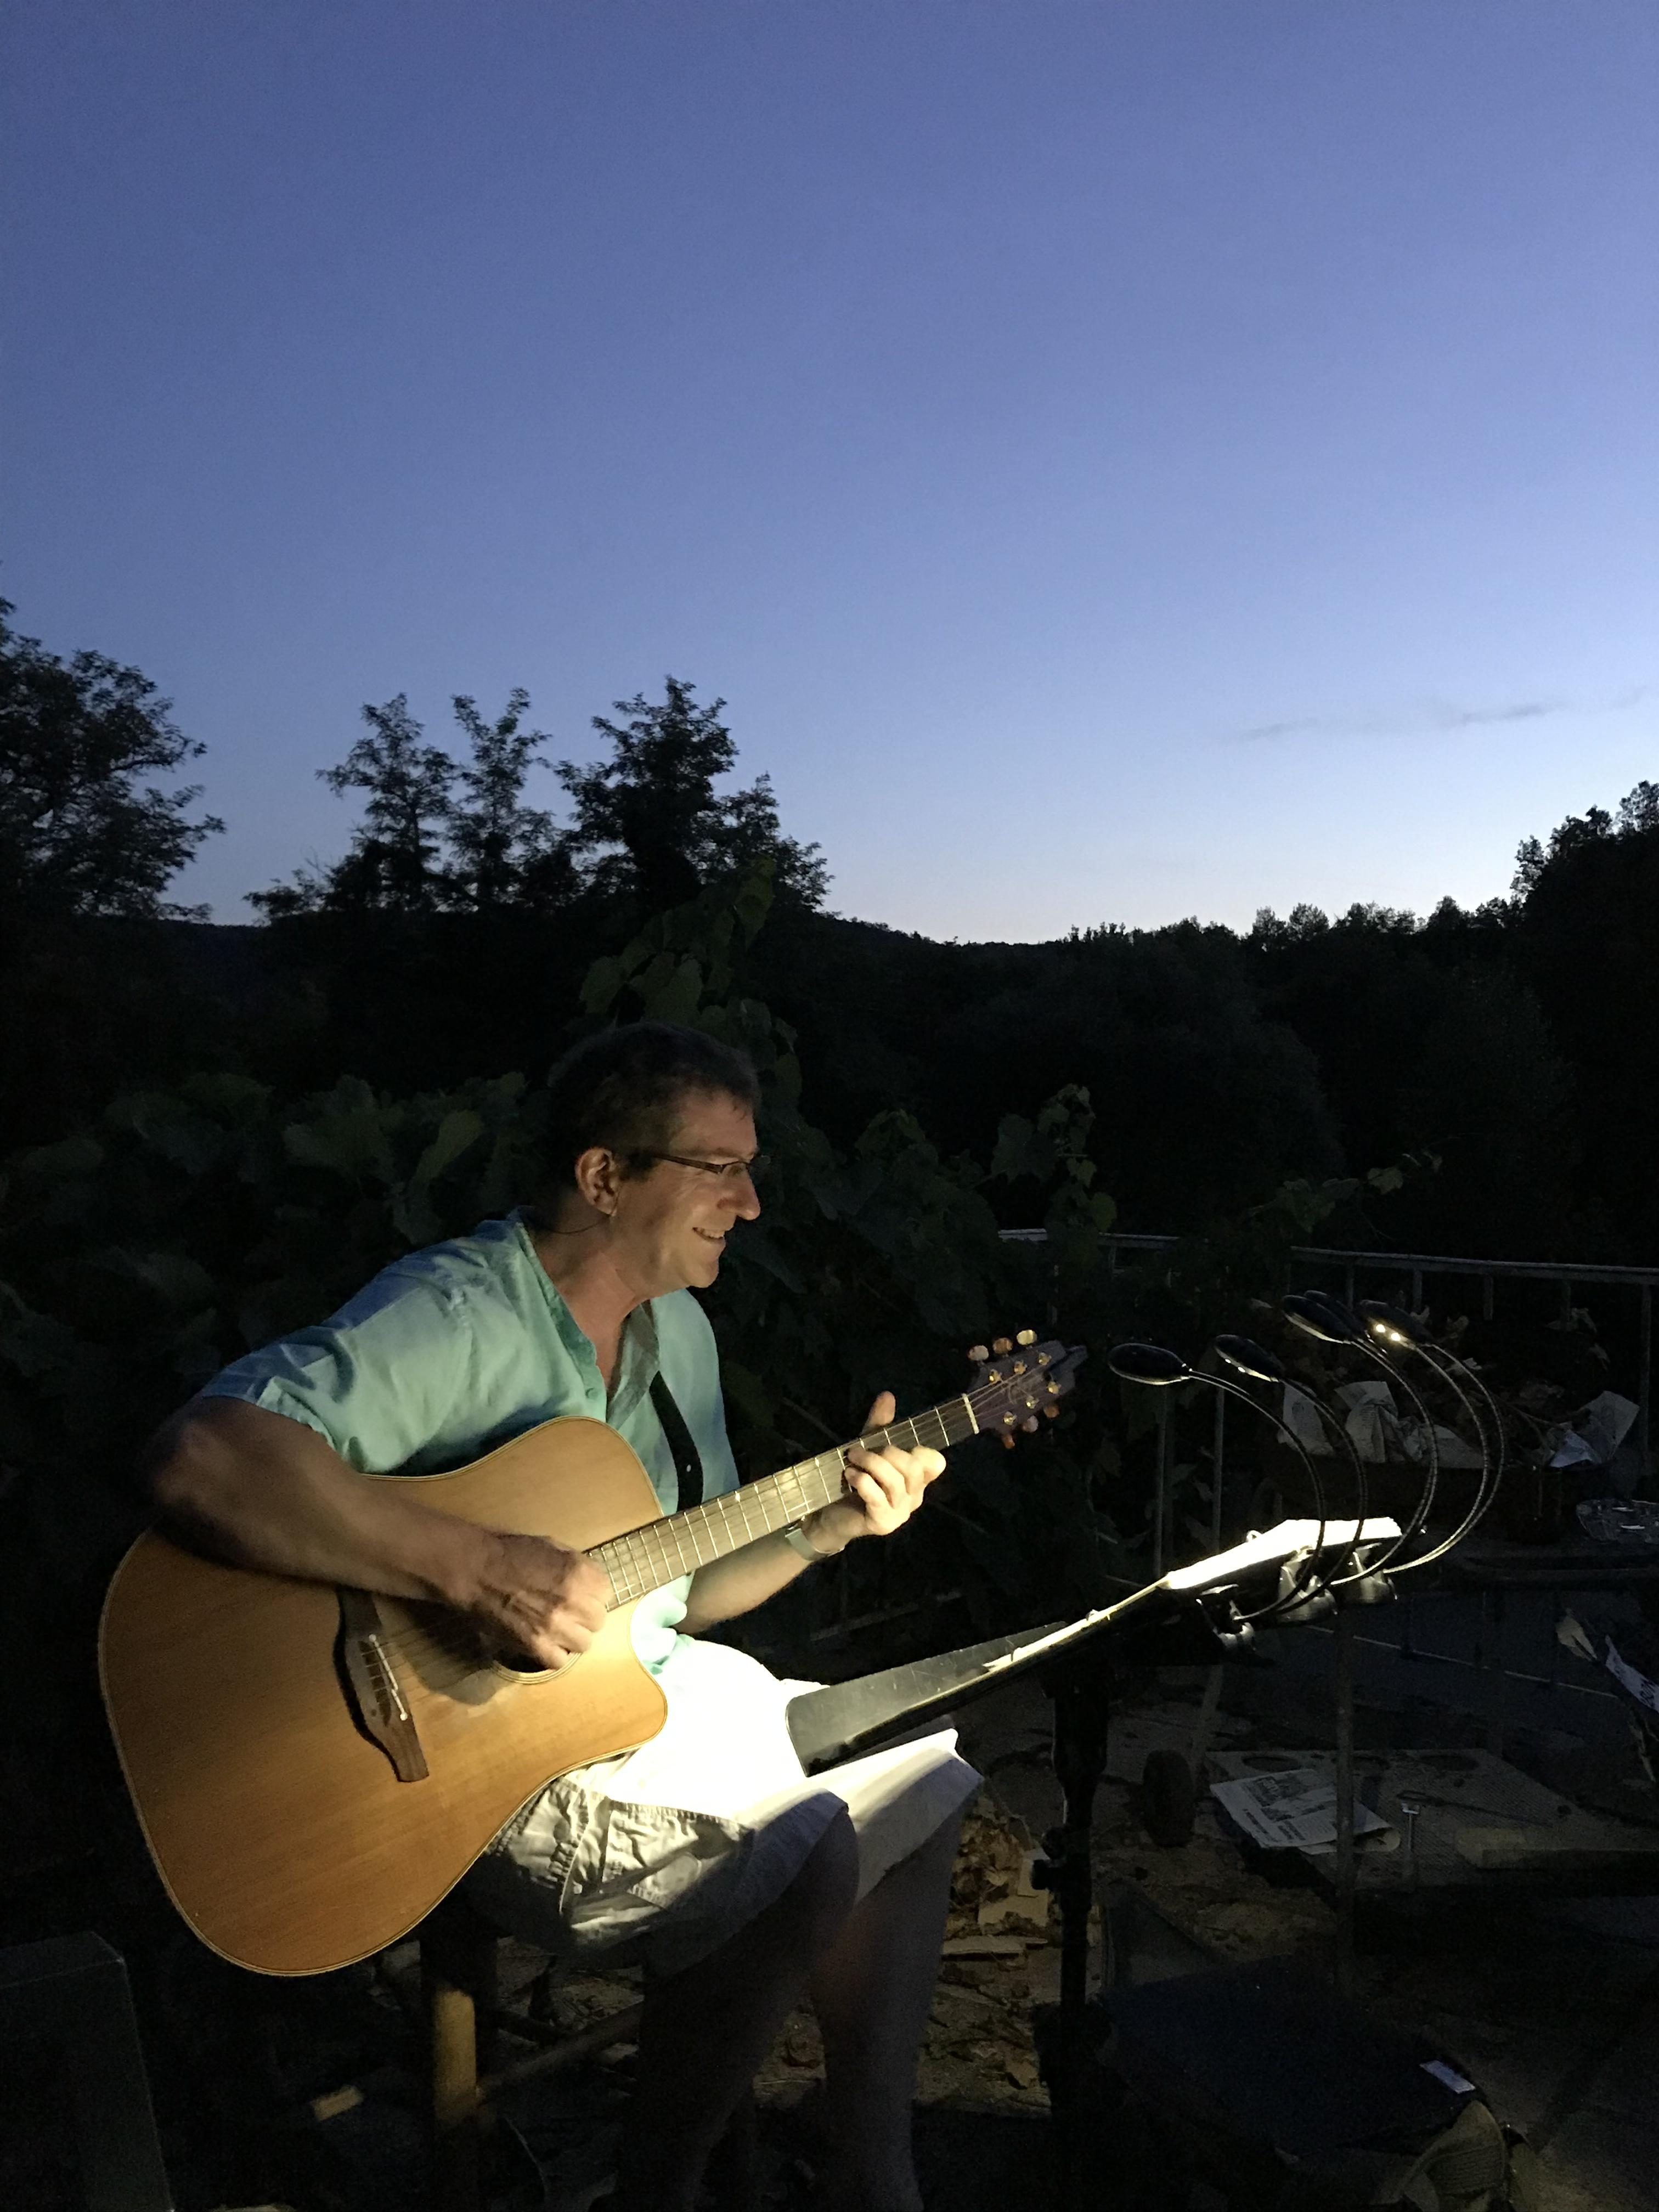 2019 08 08Hervé guitare soirée entre amis